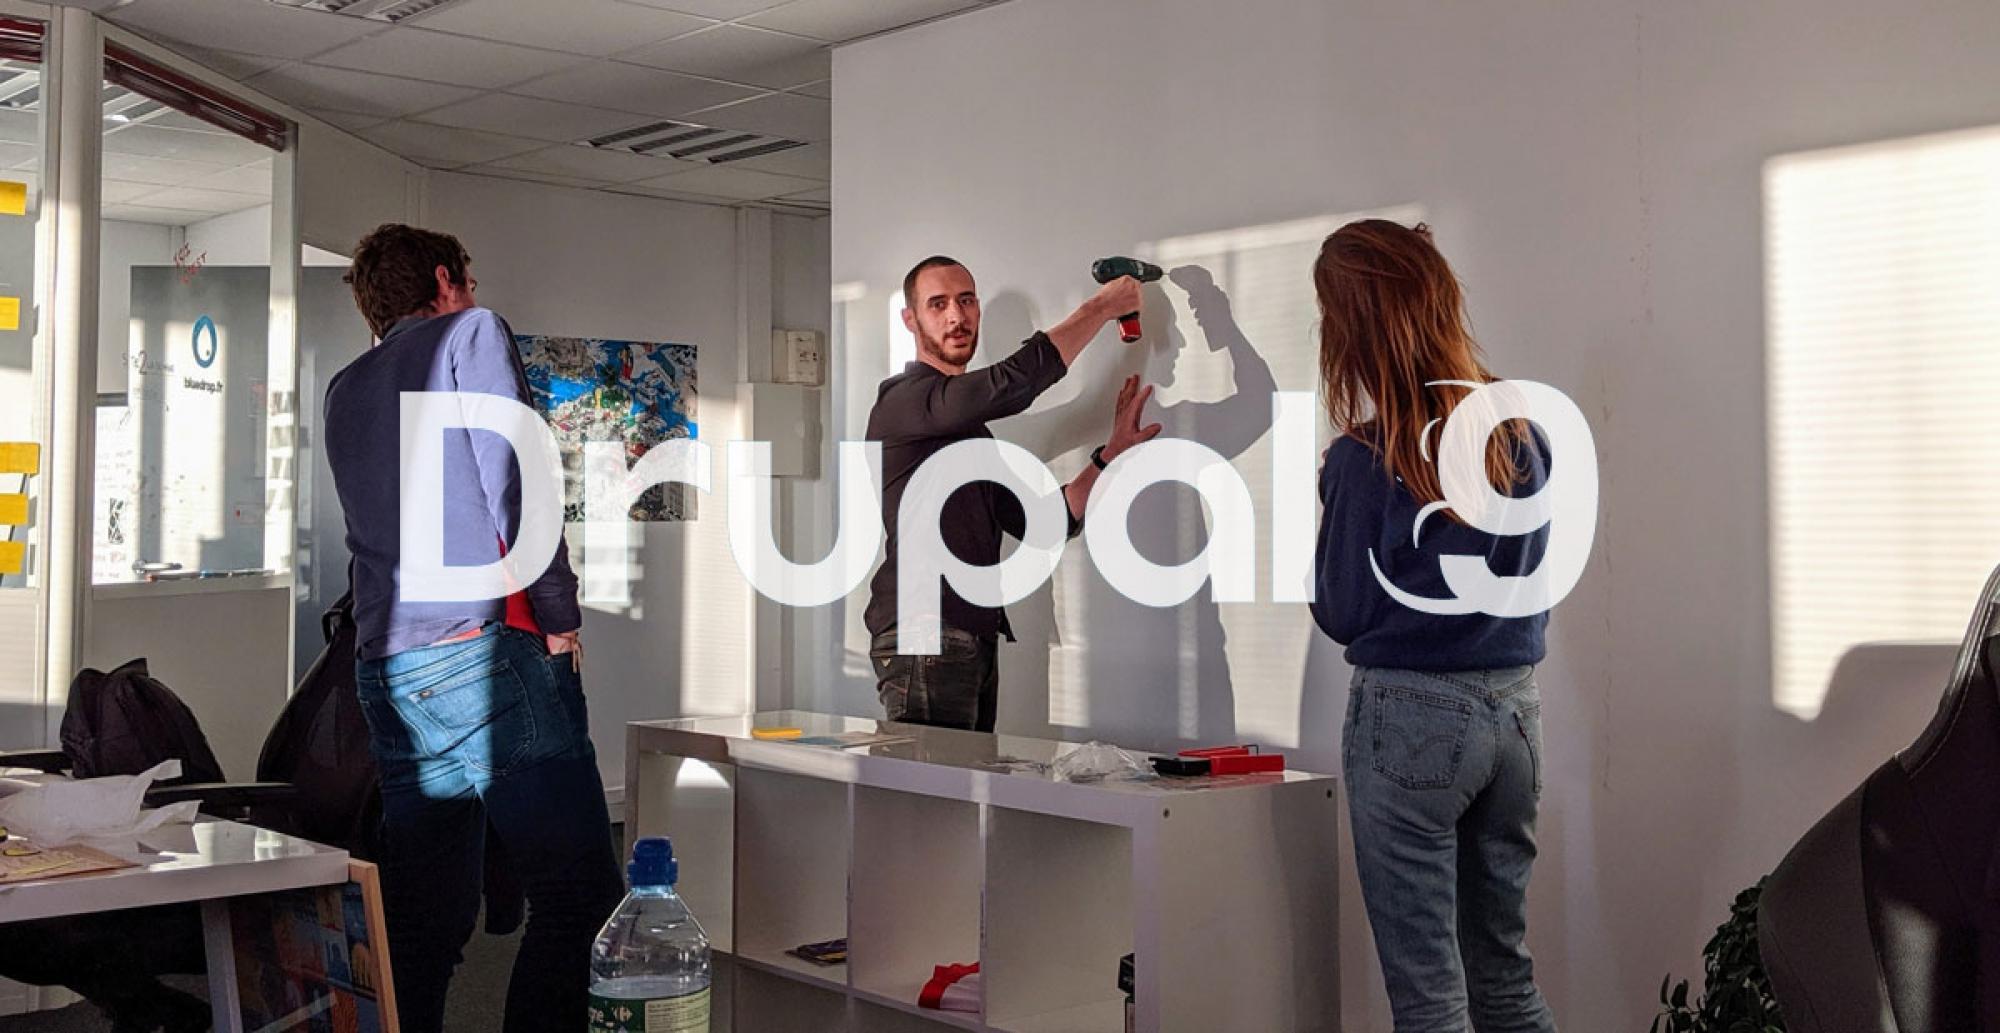 L'équipe bluedrop.fr se prépare à Drupal 9 - Image d'agrément